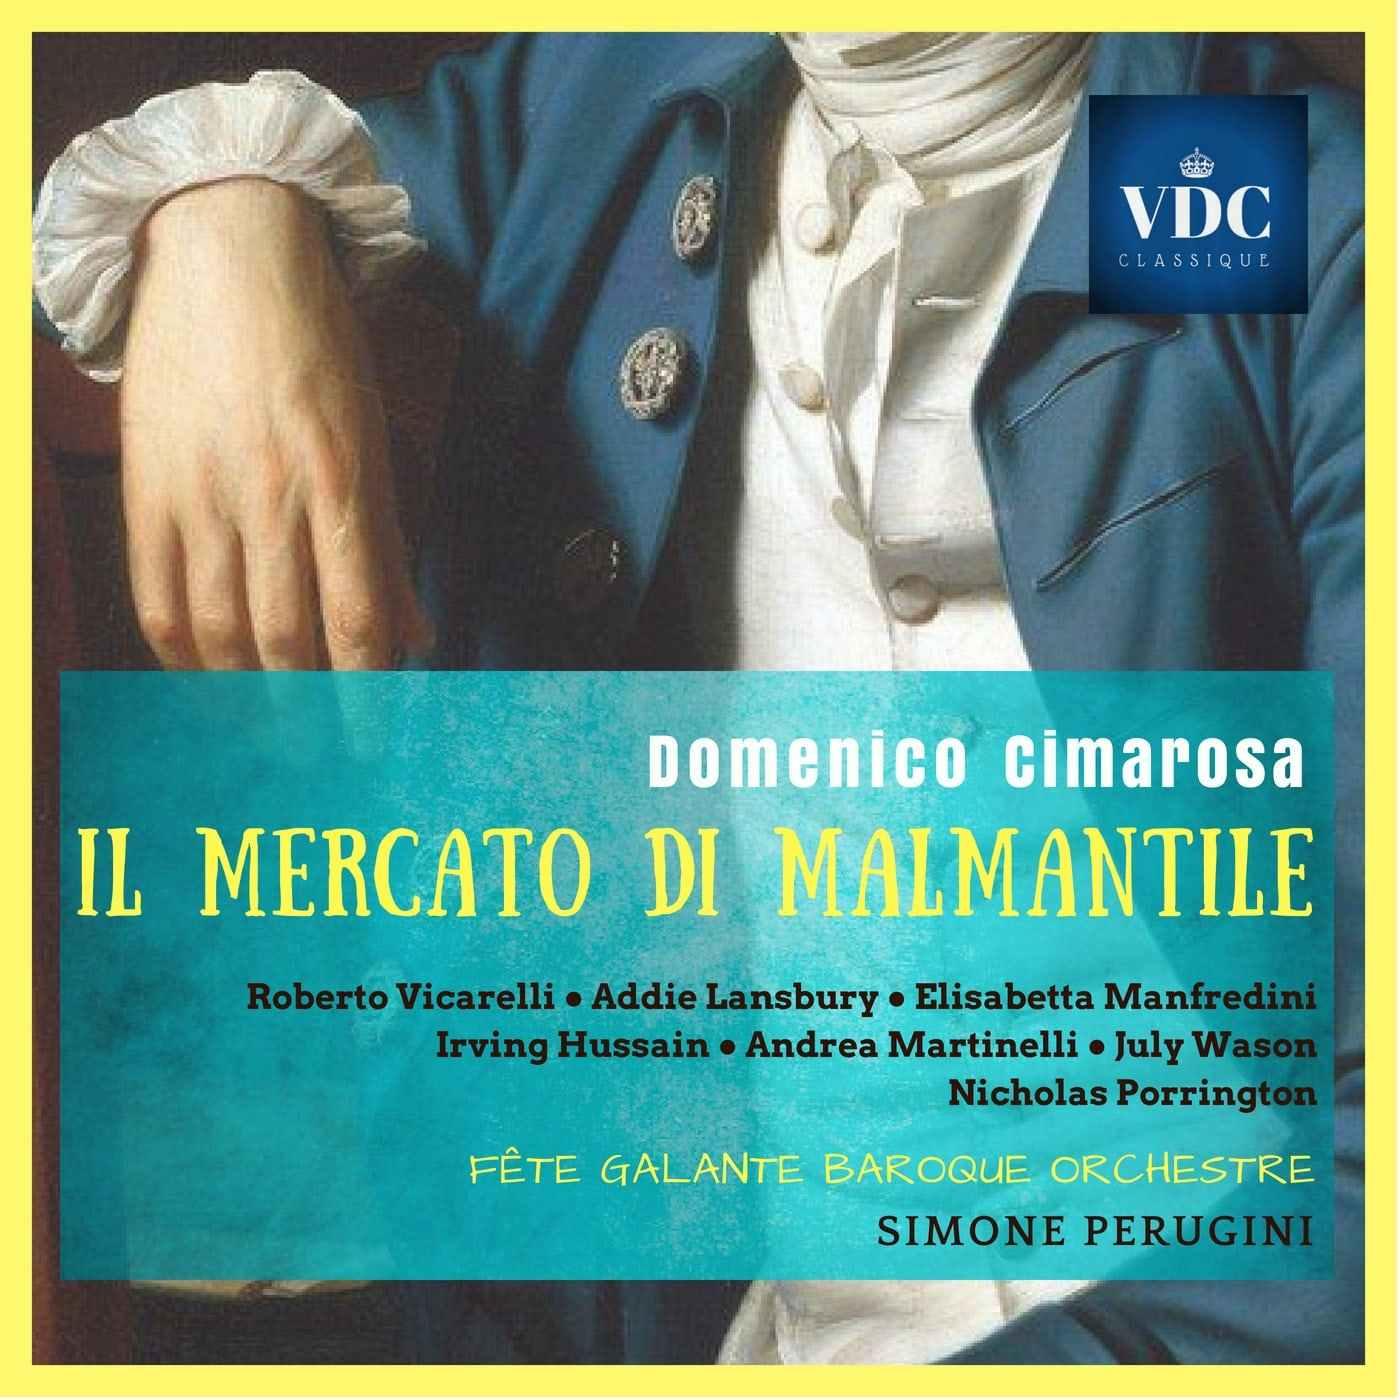 Il mercato di Malmantile di Cimarosa: nuova uscita discografica prevista per il 21 giugno.